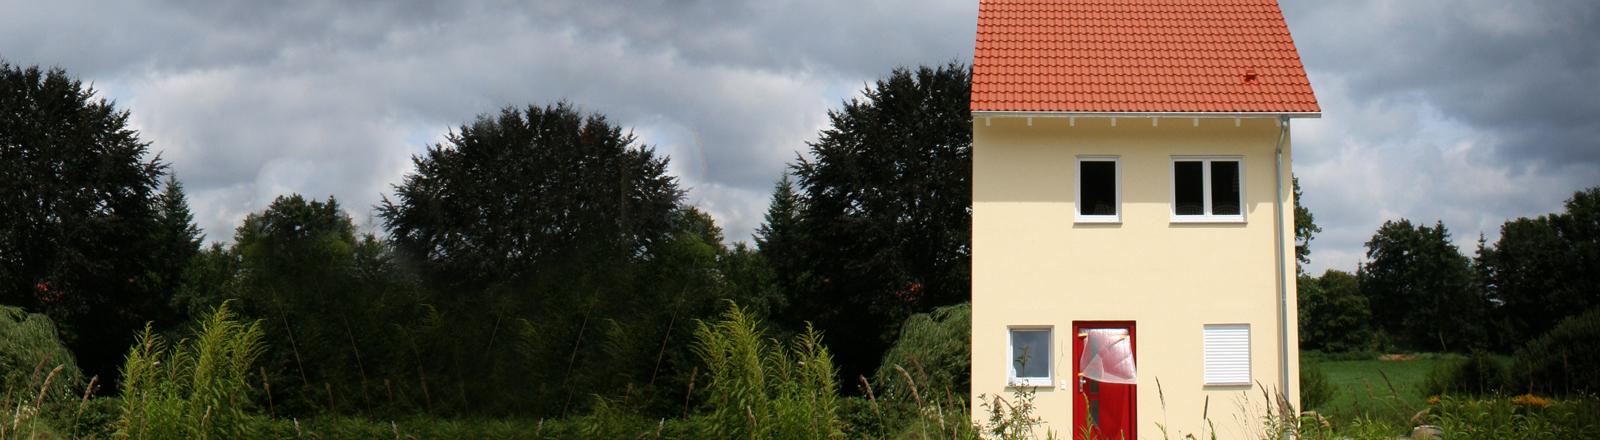 Eine halbe Doppelhaushälfte steht irgendwo frei auf dem Feld